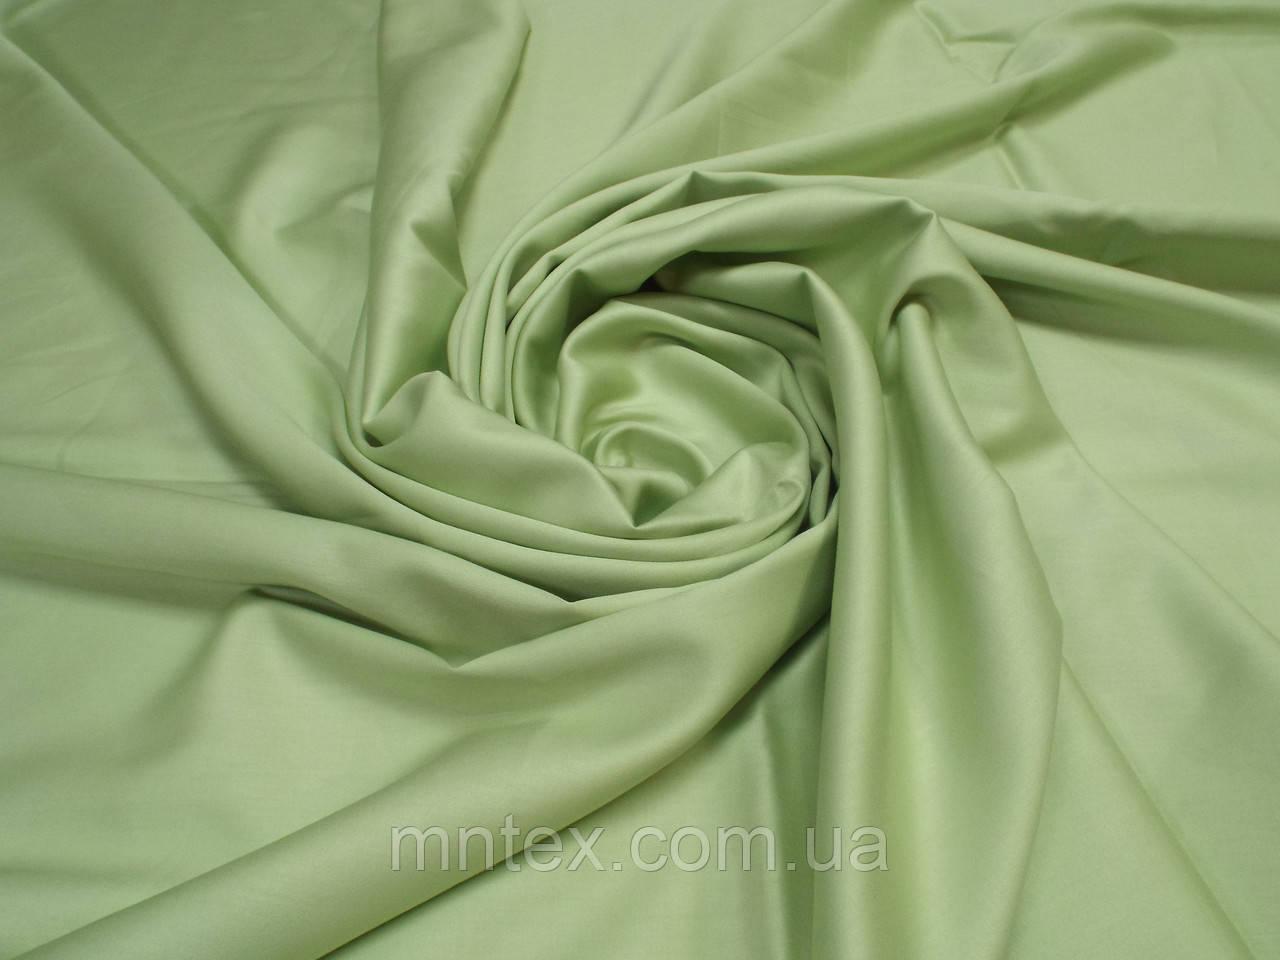 Сатин Гладкокрашеный Золотисто-Зеленый